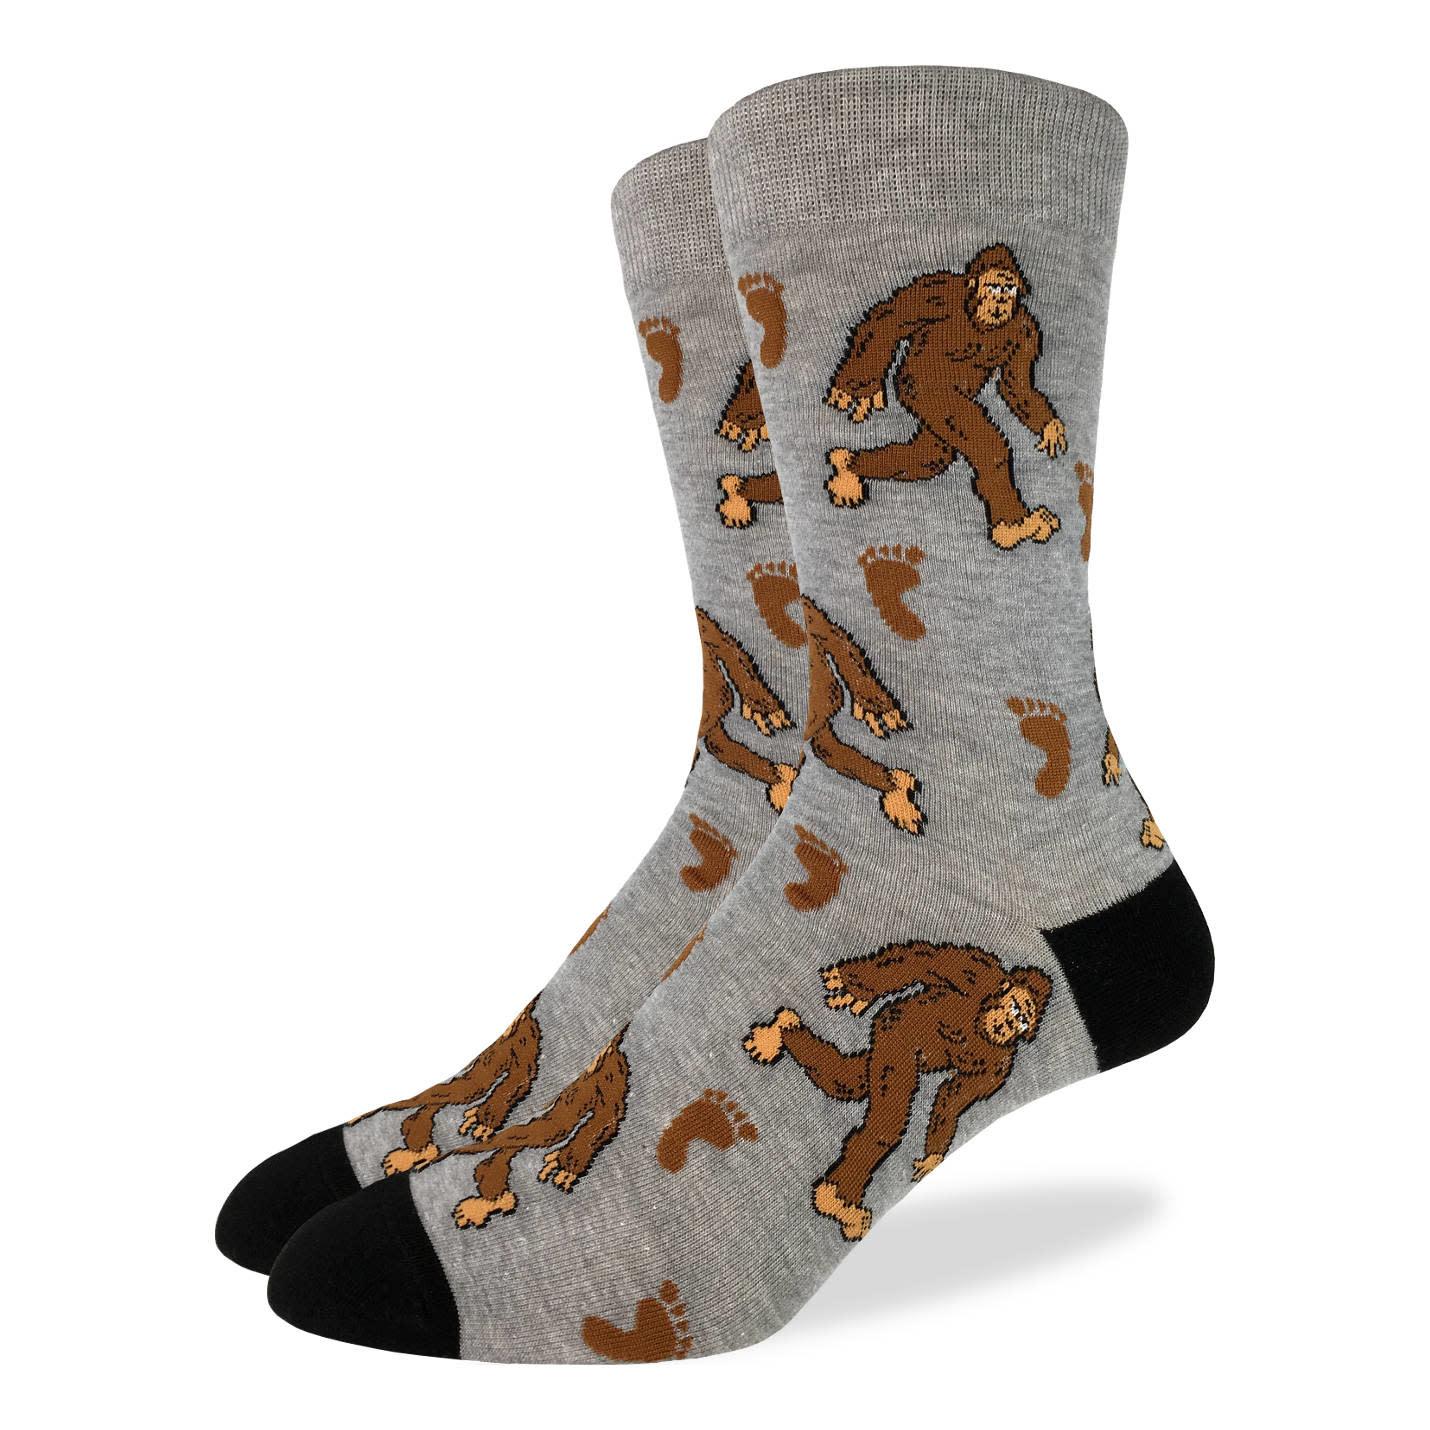 Big & Tall Bigfoot Men's Crew Socks